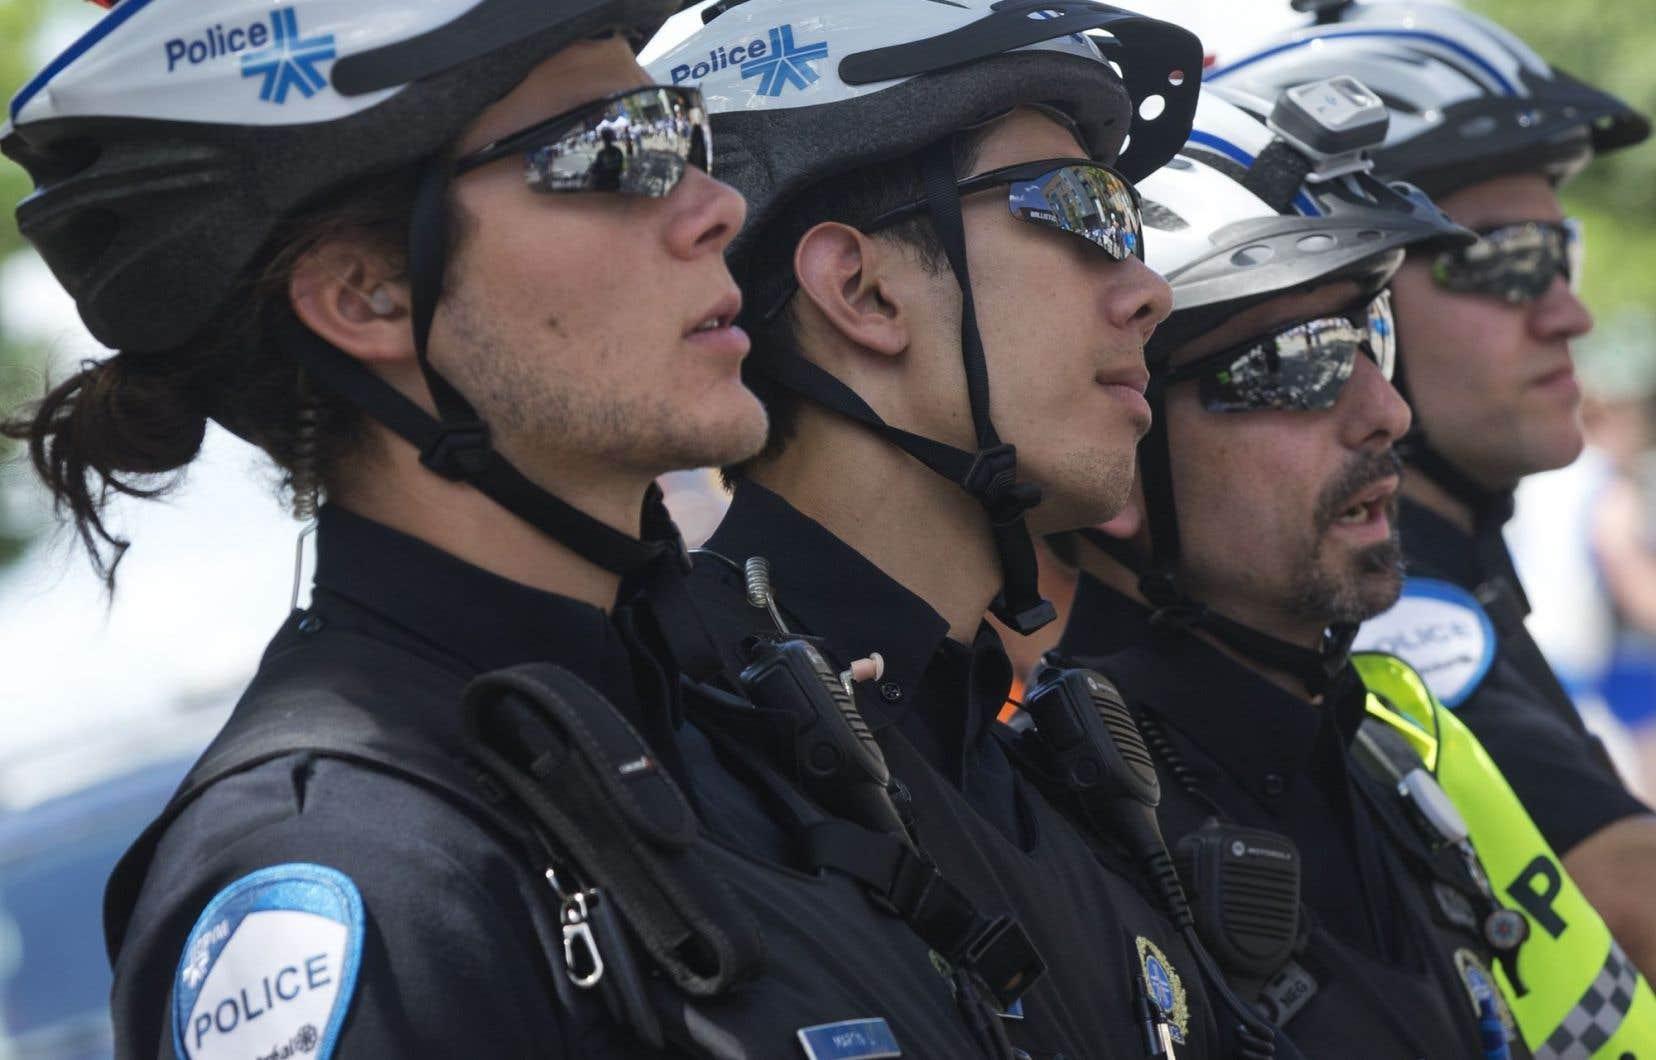 Depuis l'annonce d'une entente de principe, le 24juin, les policiers de la métropole ont revêtu leur uniforme réglementaire.